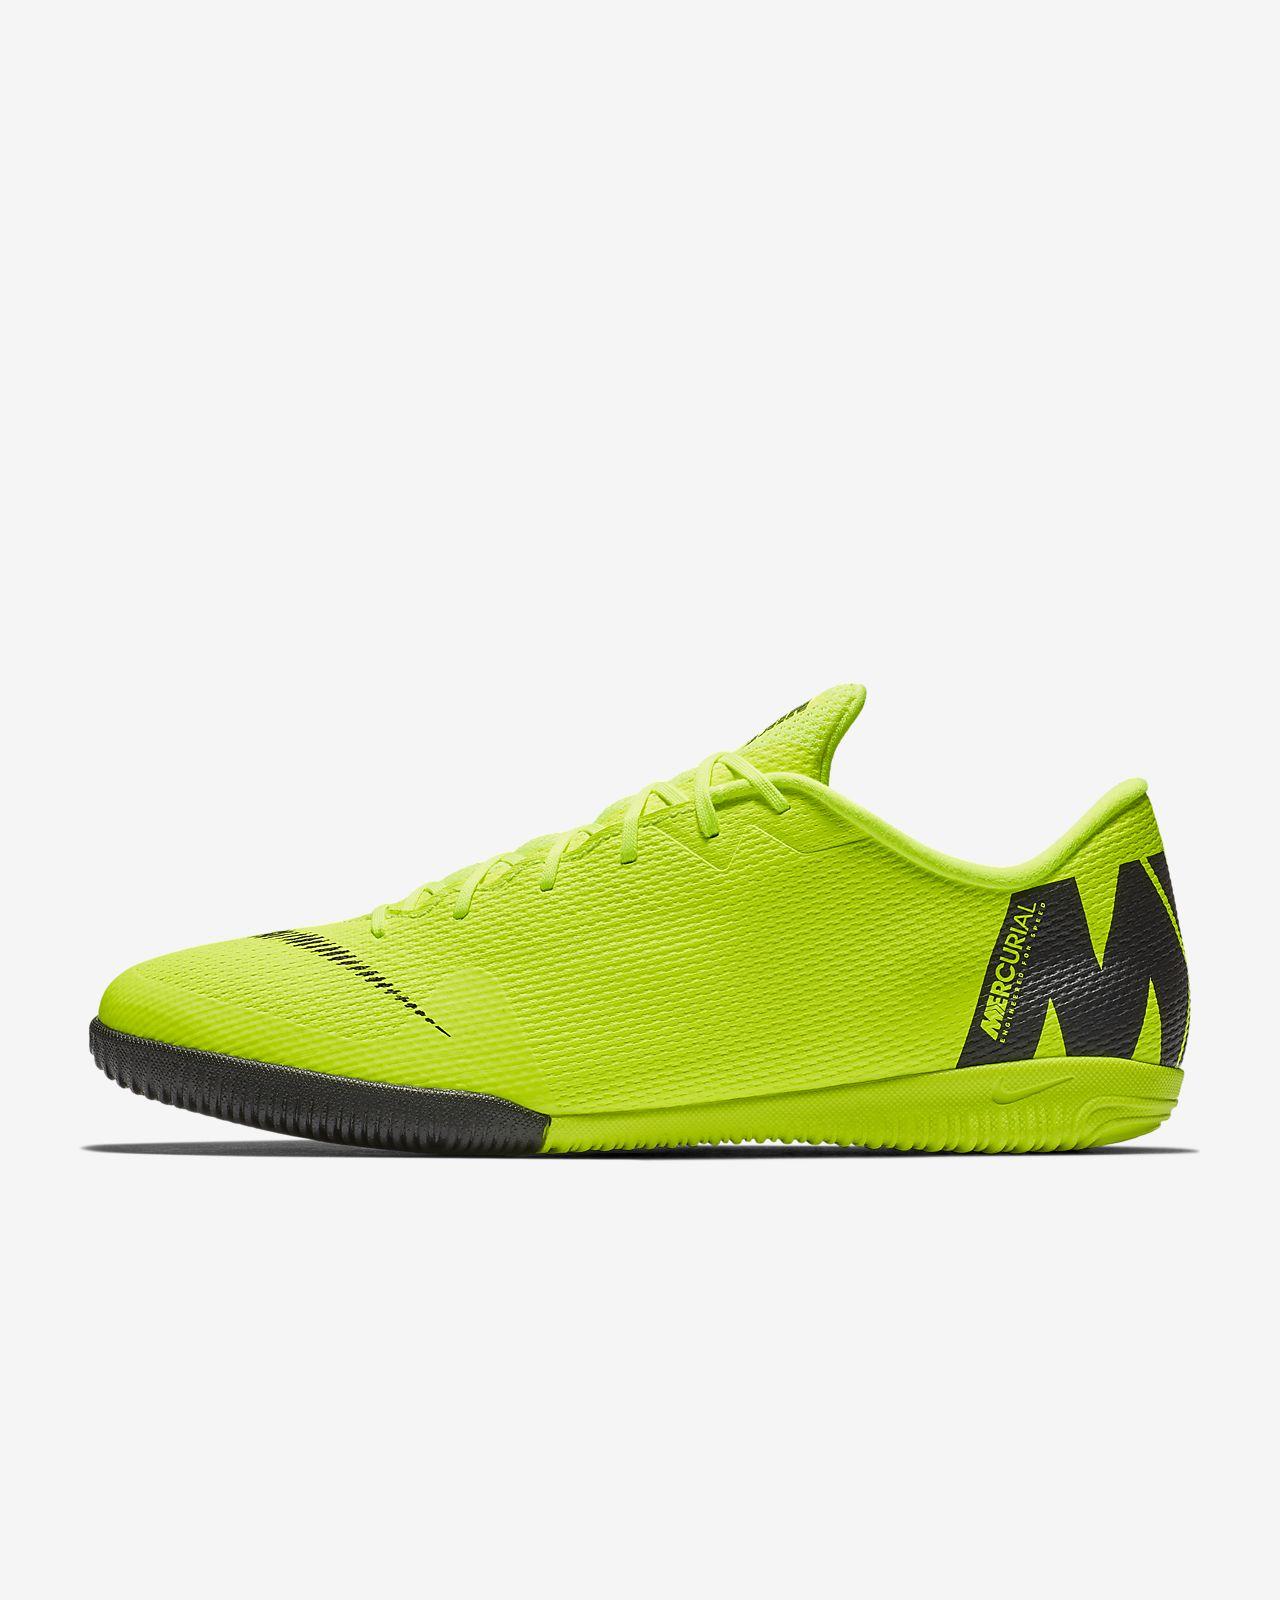 Vaporx Nike Salle 12 En De Chaussure IcCh Football Academy cRS345AjLq